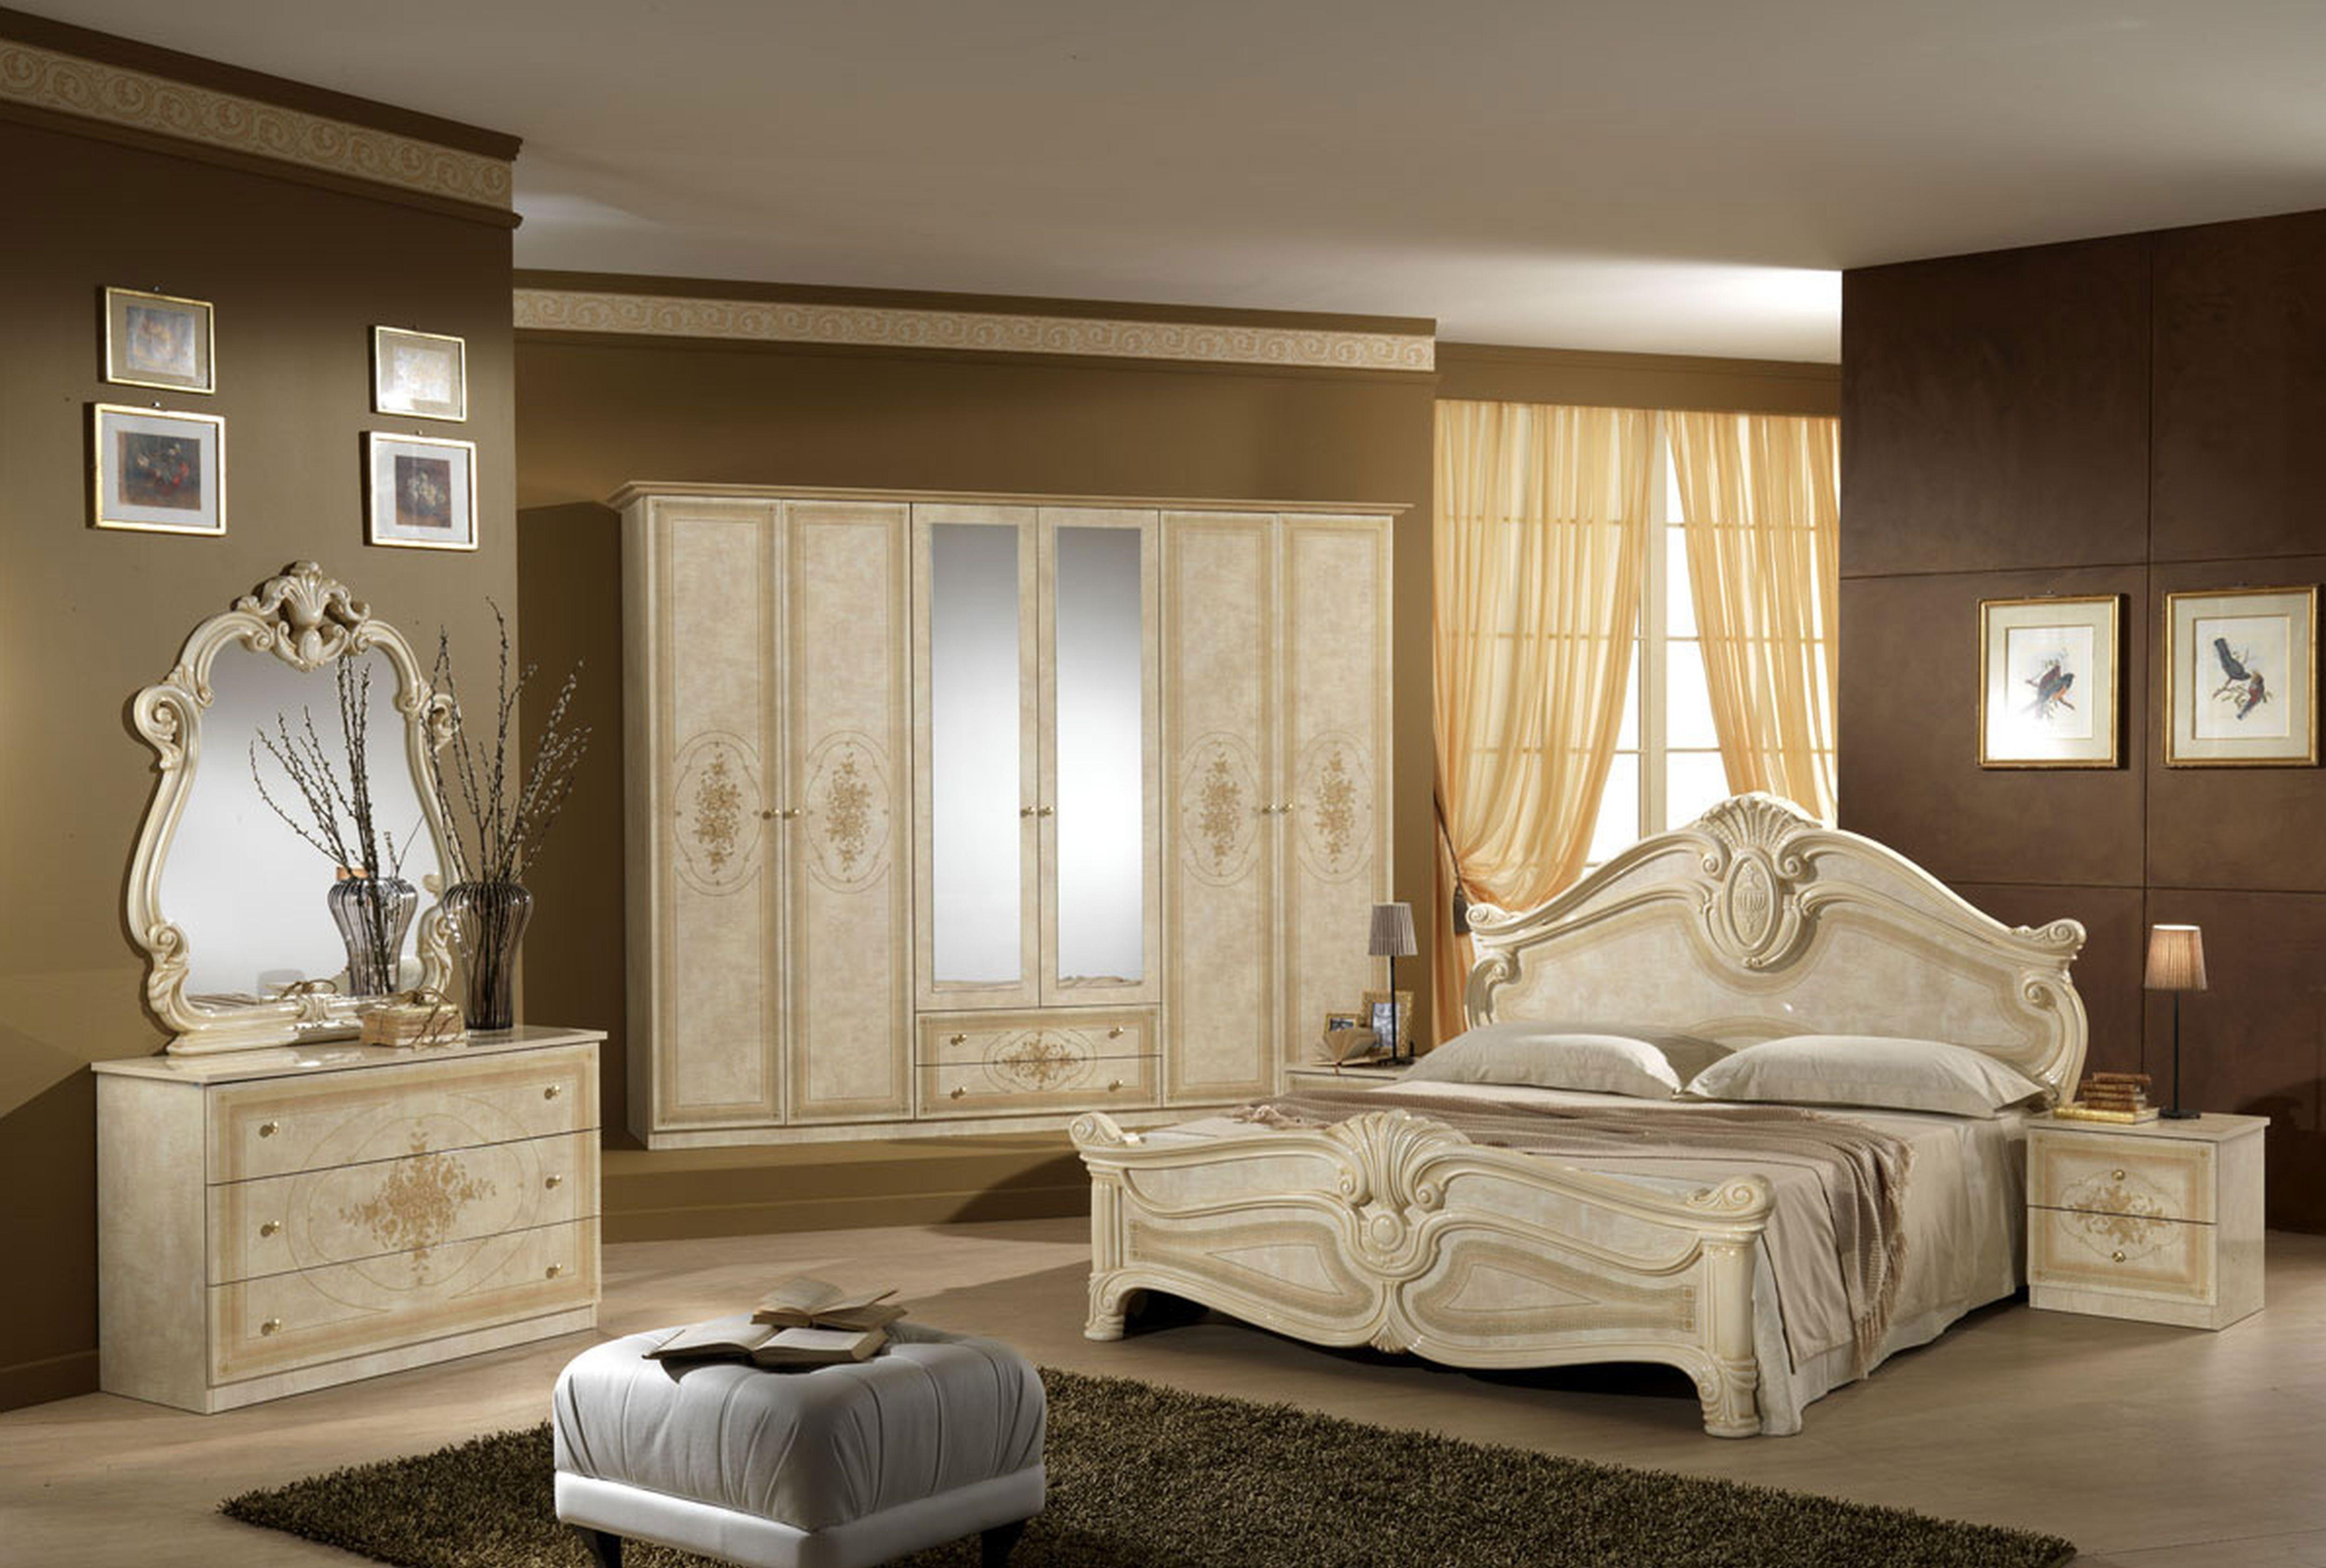 Passende Schlafzimmer Möbel Erstellen Komfort Schlafzimmer